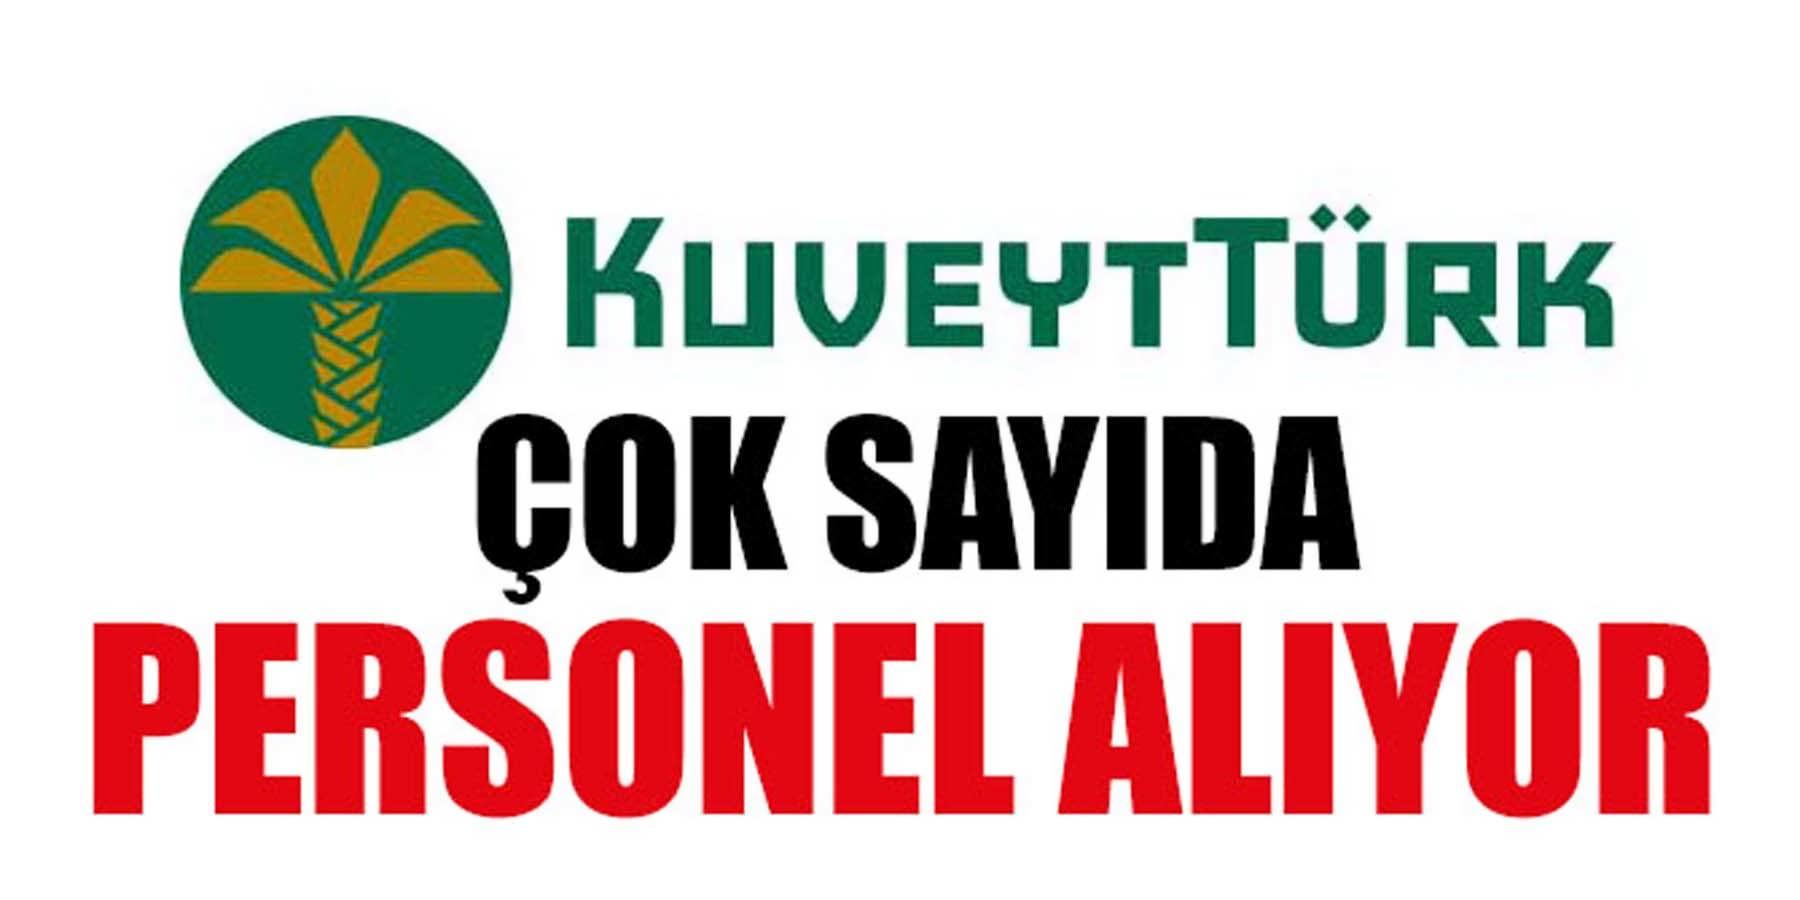 Kuveyt Türk Banka Çok Sayıda Personel Alıyor